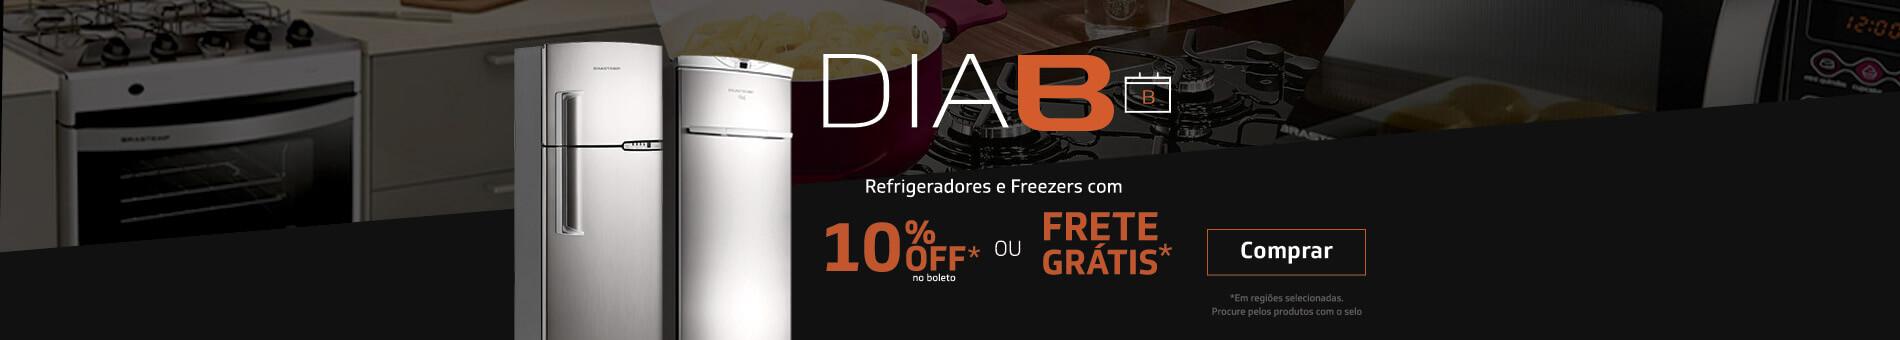 Promoção Interna - 1021 - diab_refrifrete_home1_26102016 - refrifrete - 1